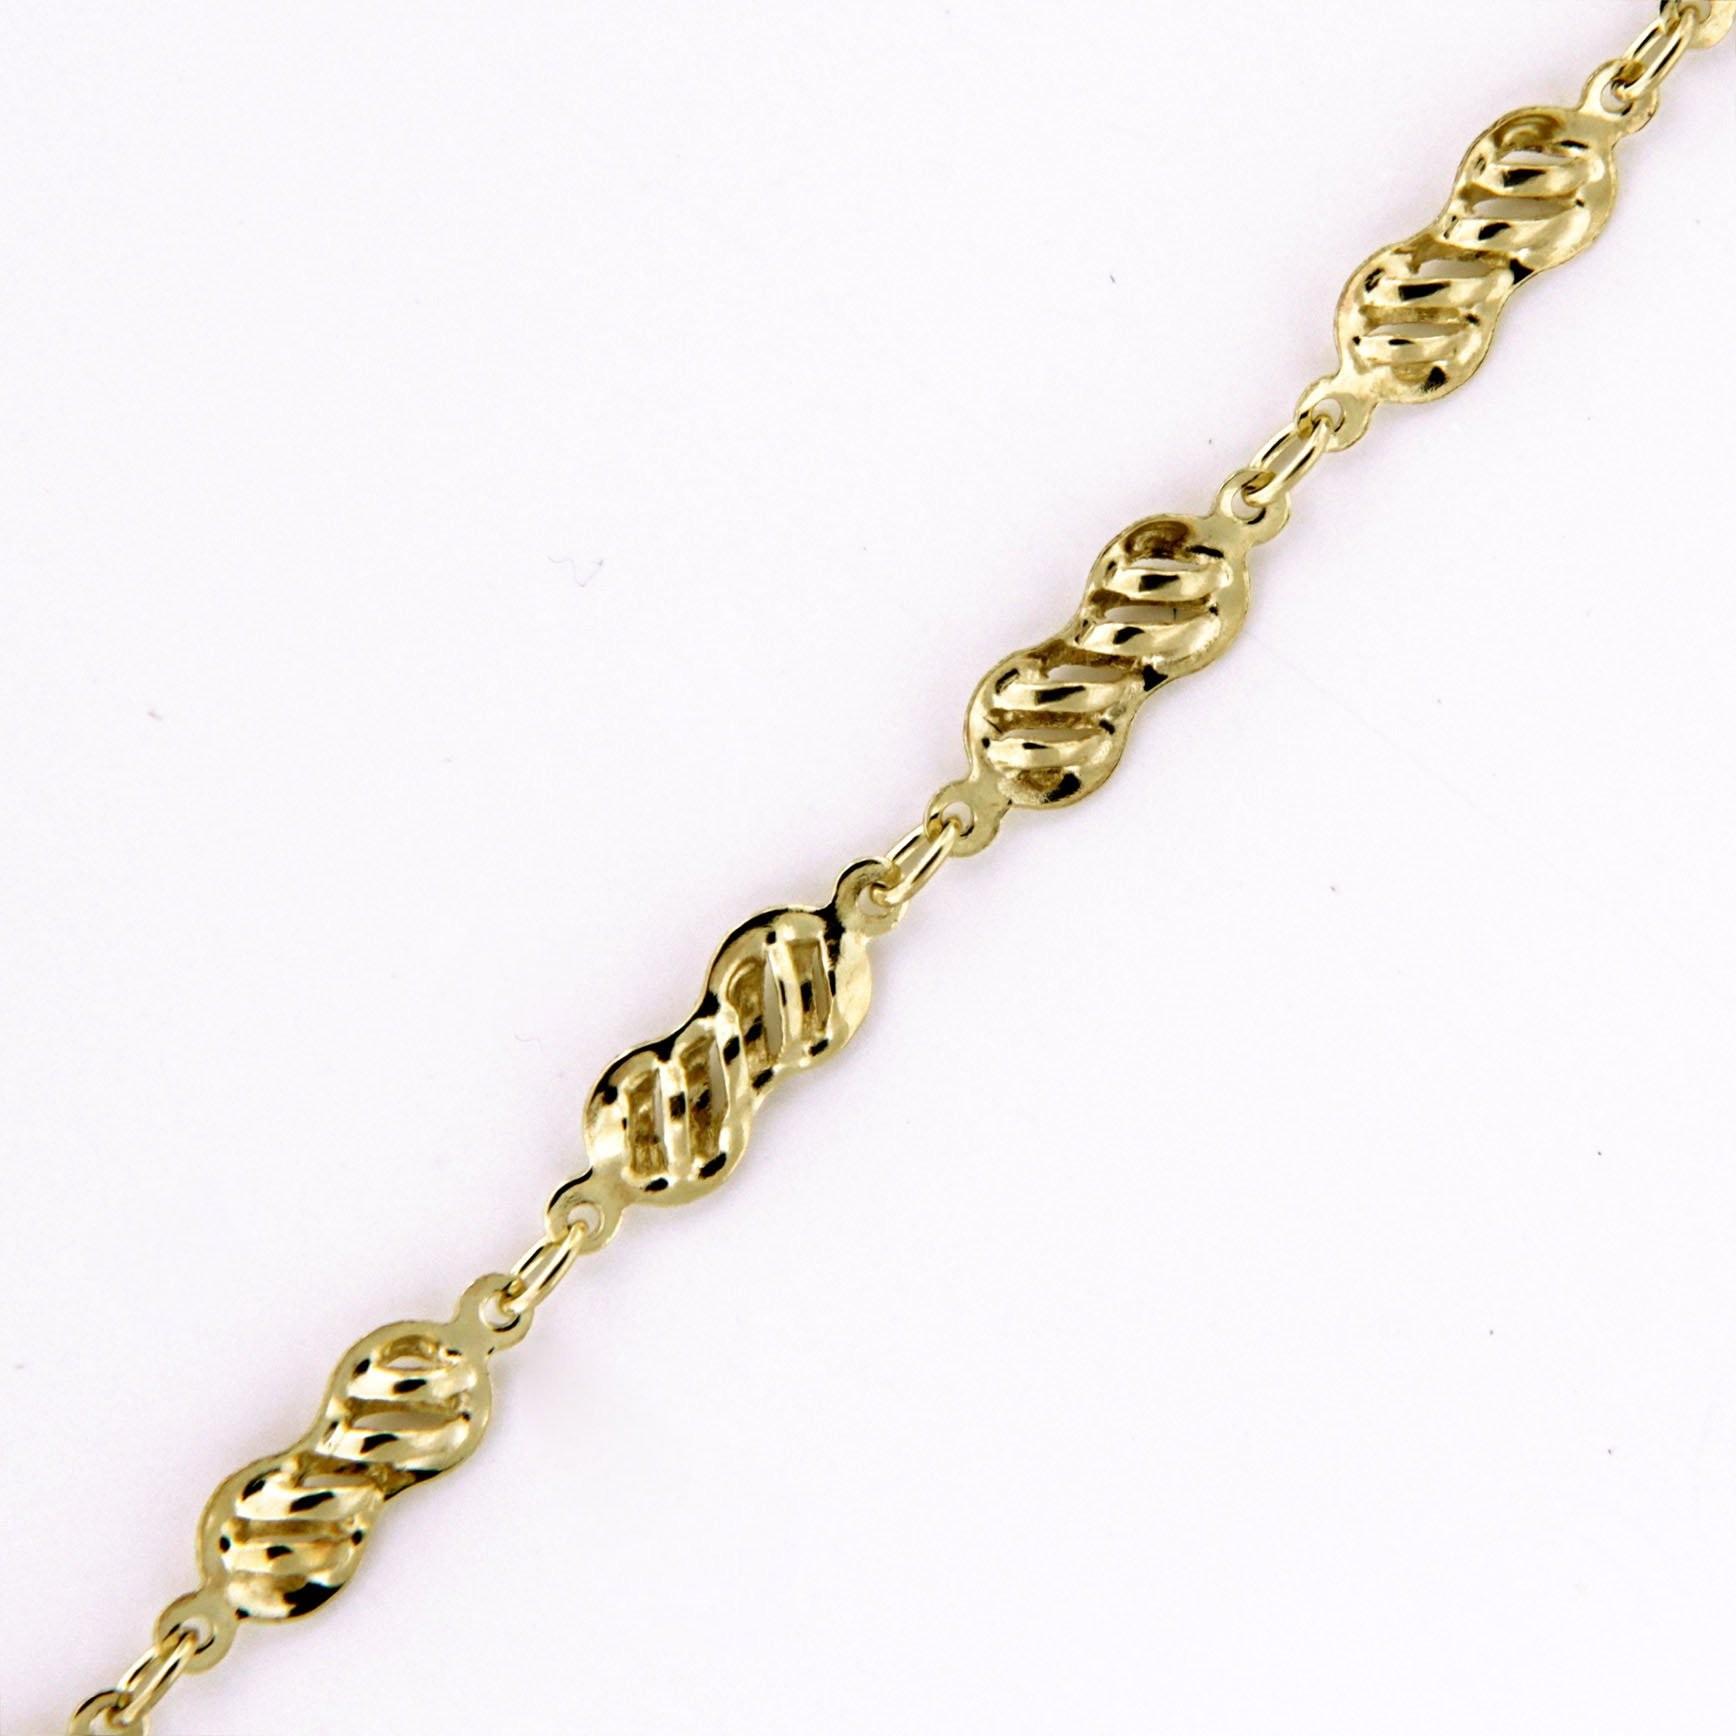 Zlatý řetízek 17329